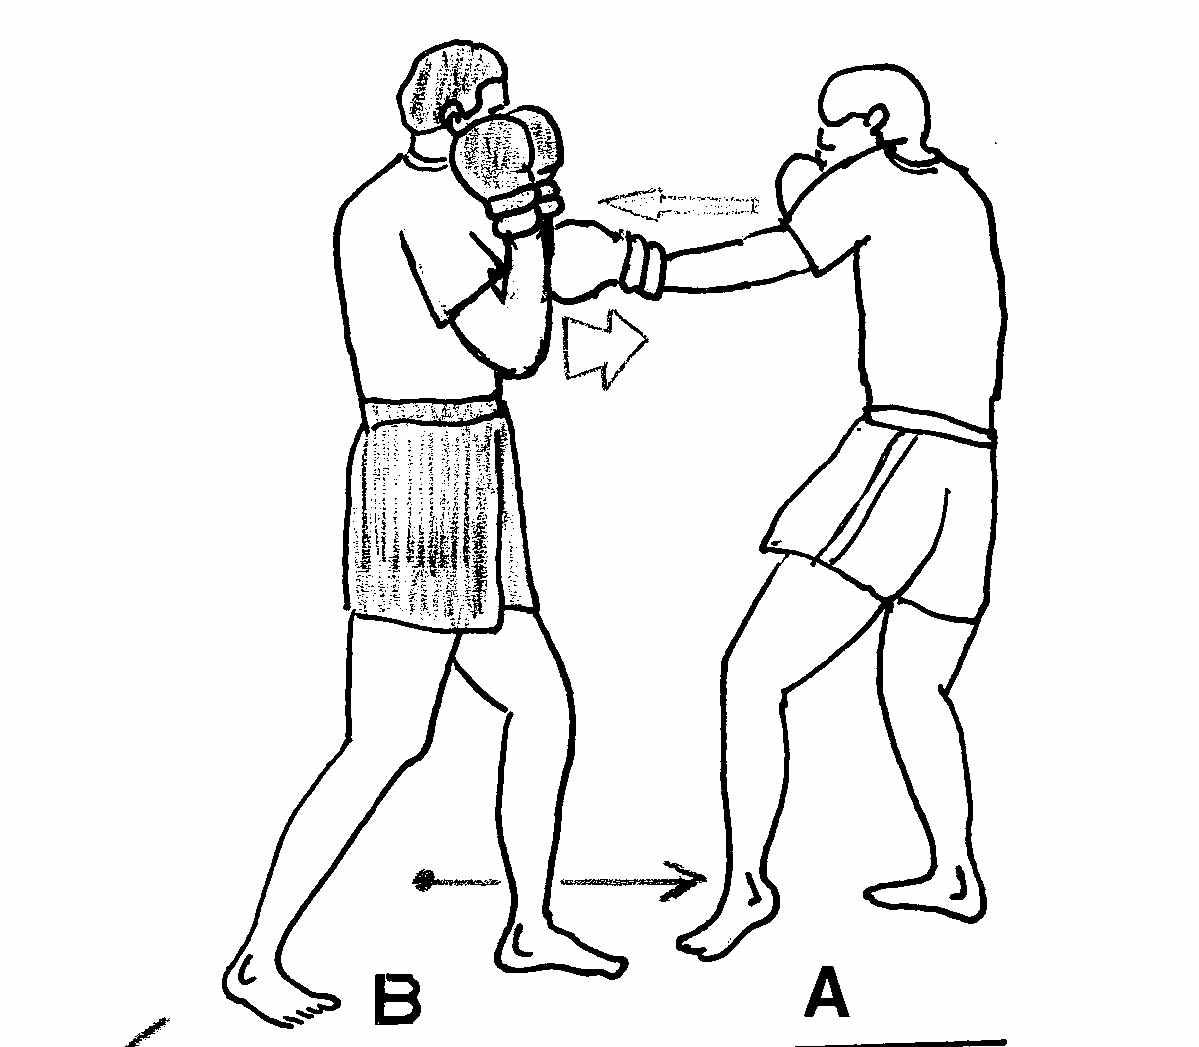 движение бокса картинки это огромные